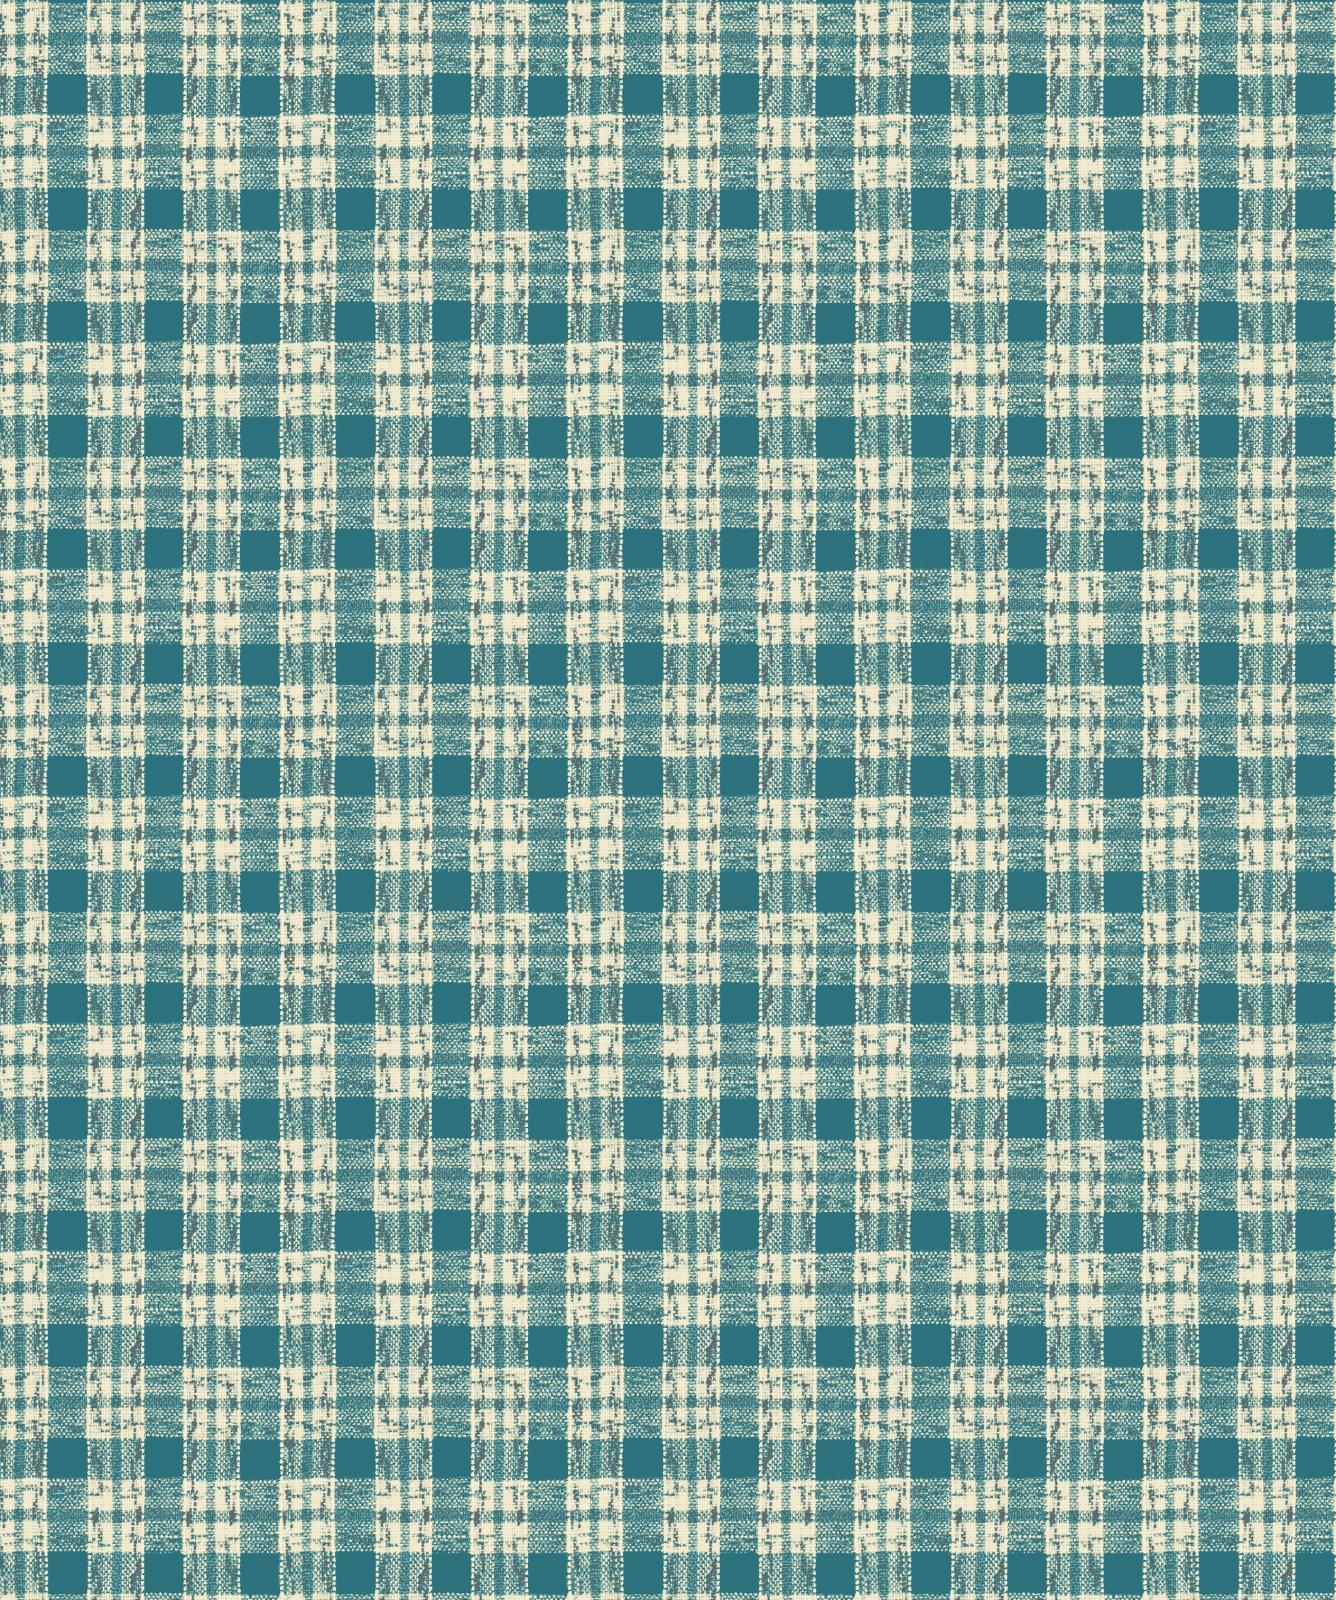 Garden Getaway Fabric 15 (0905 0154 )